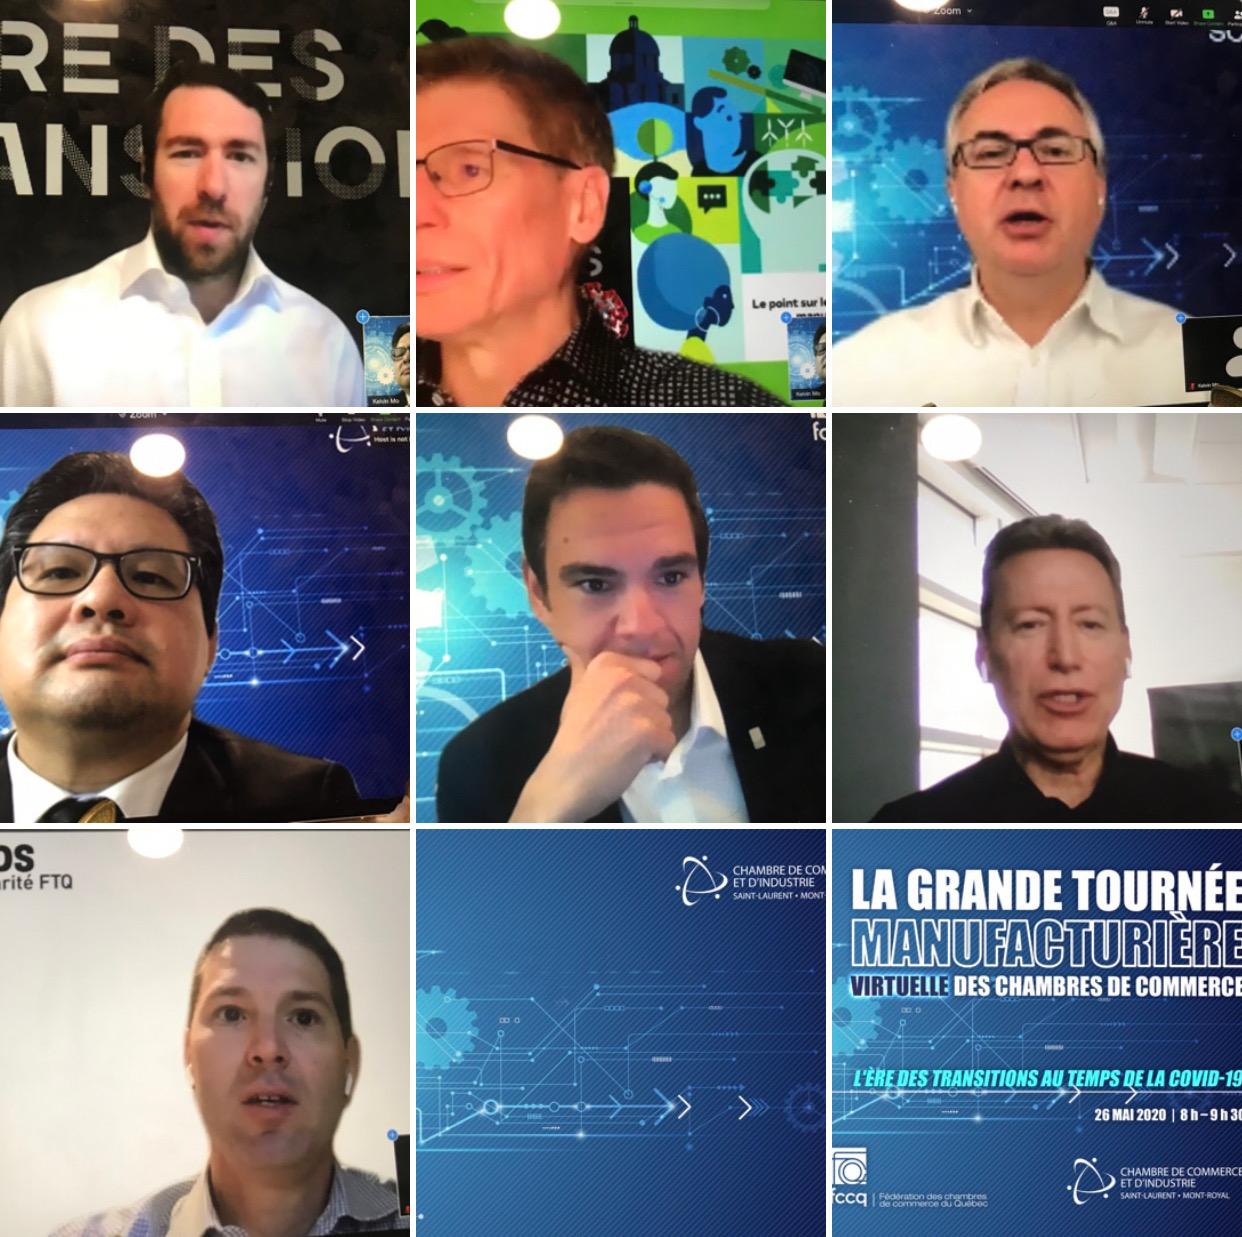 Communiqué : La grande tournée manufacturière virtuelle